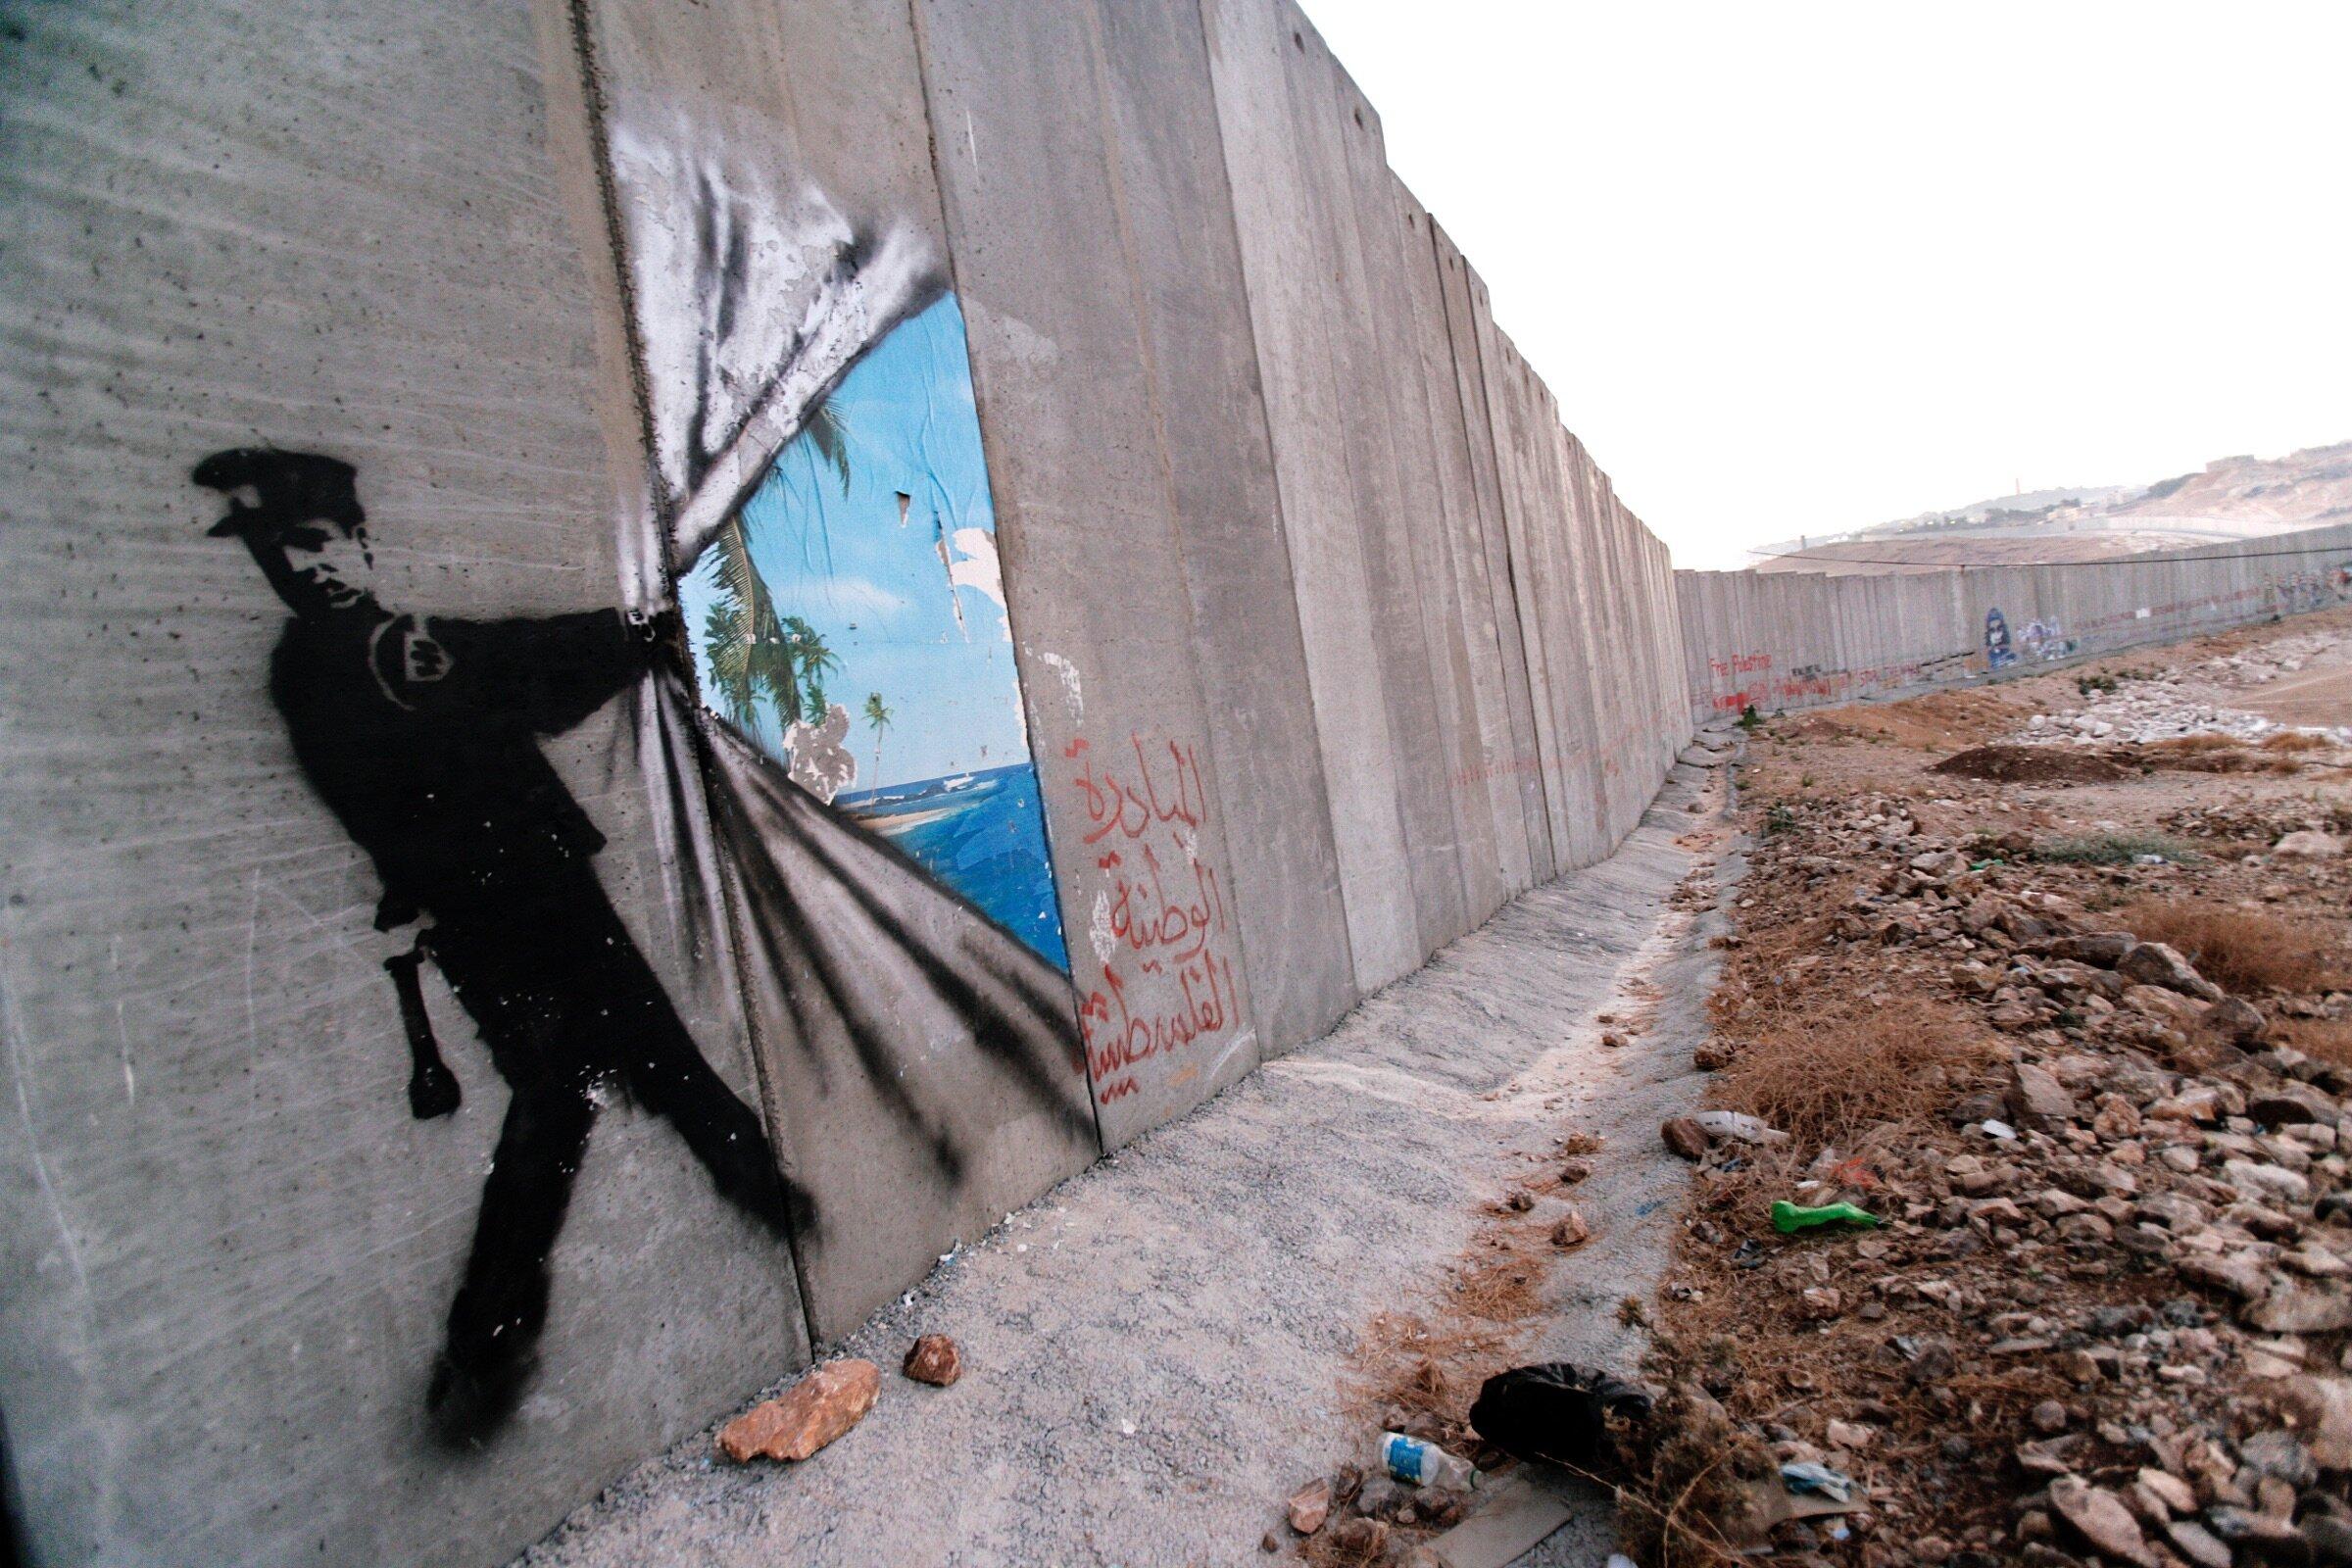 Fresque de Banksy sur le mur de séparation.   Centre international Olof Palme